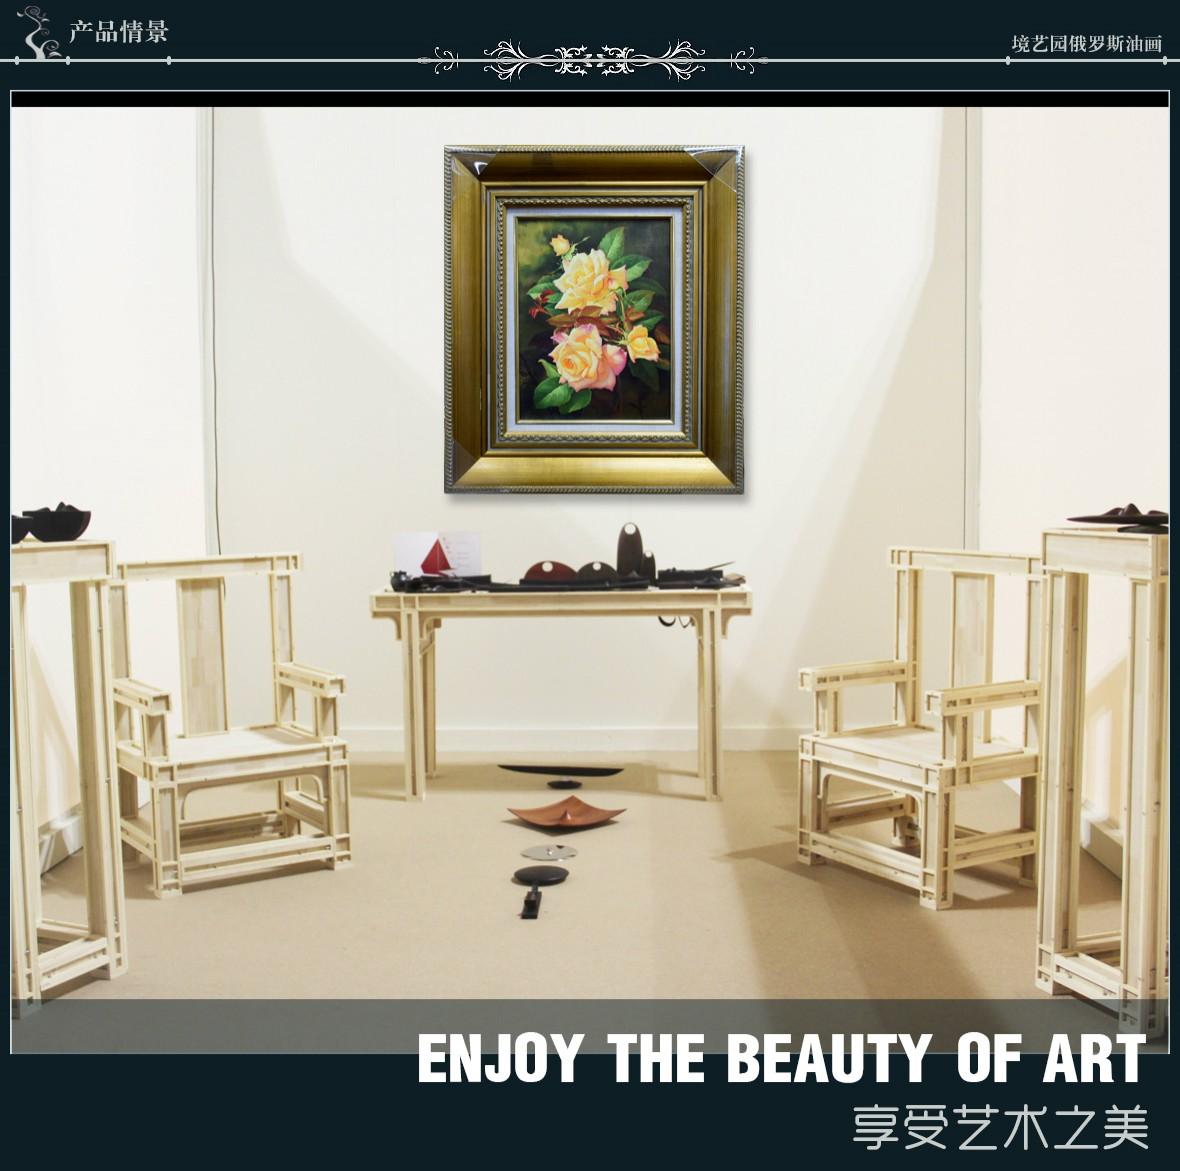 境艺园俄罗斯油画 AC9型号 静物玫瑰 情景展示